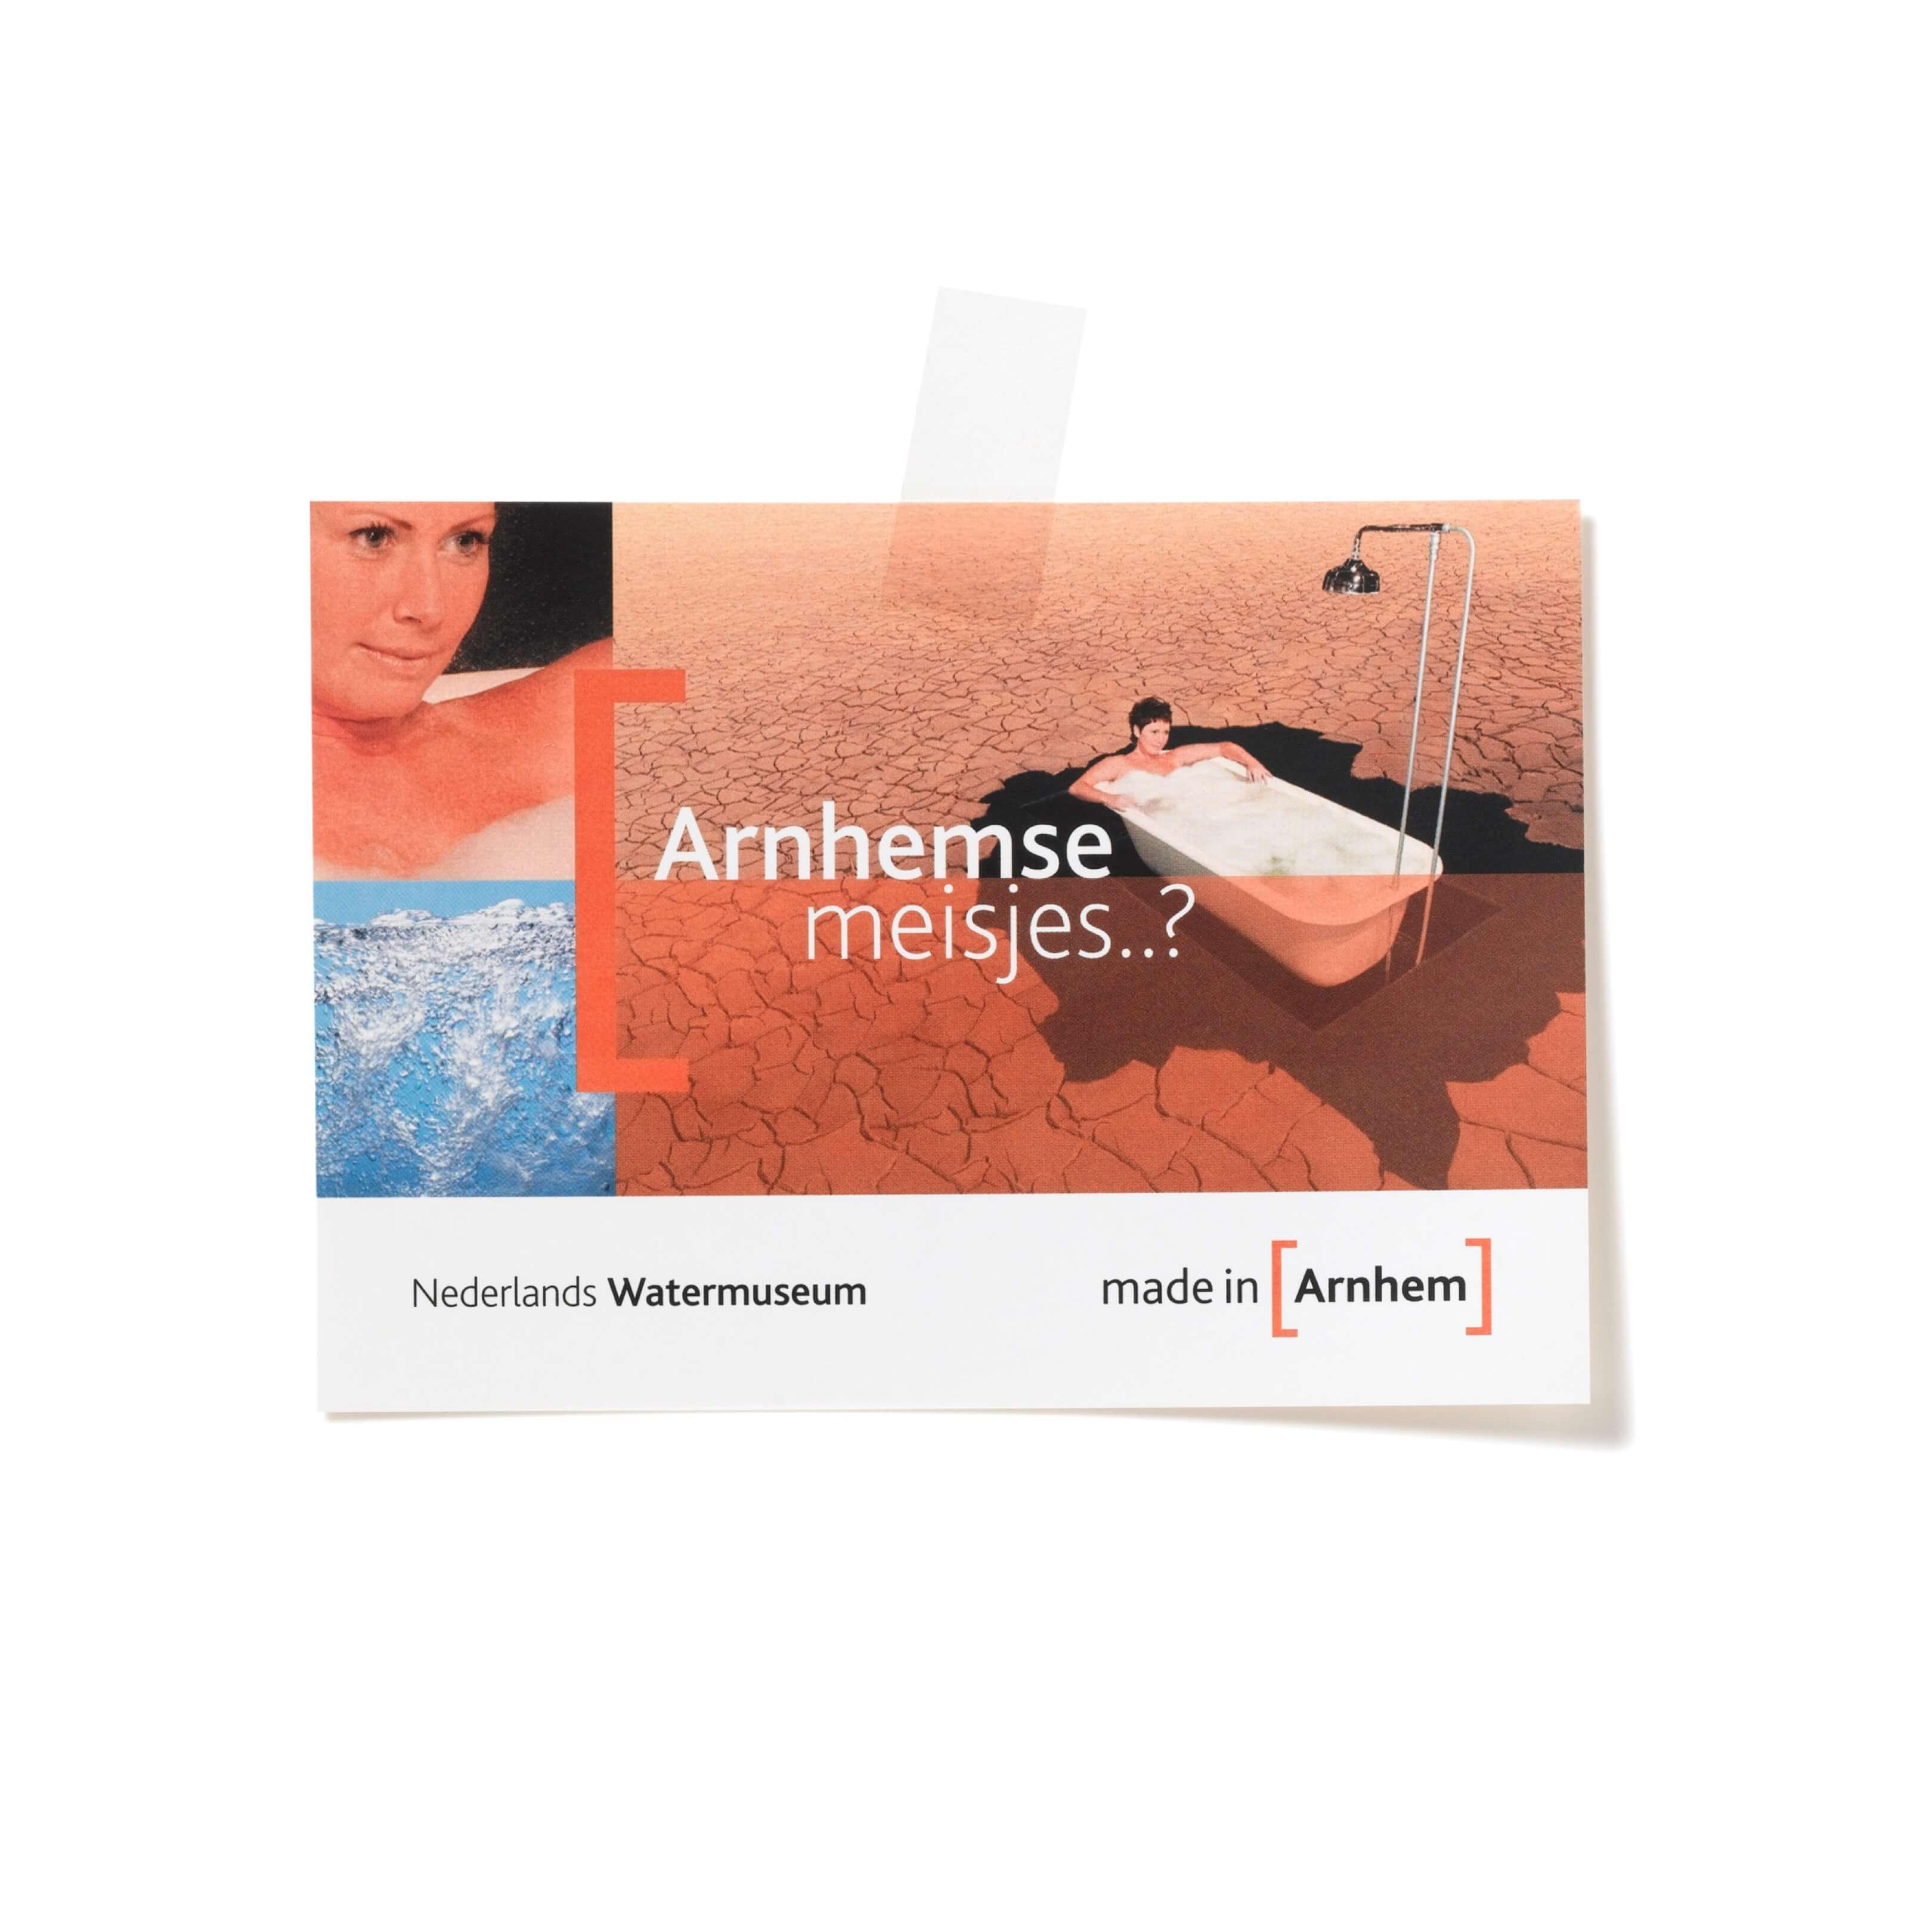 Jurjen Poeles fotografieBoomerang kaart campagne Made in Arnhem Nederlands Watermuseum reclame